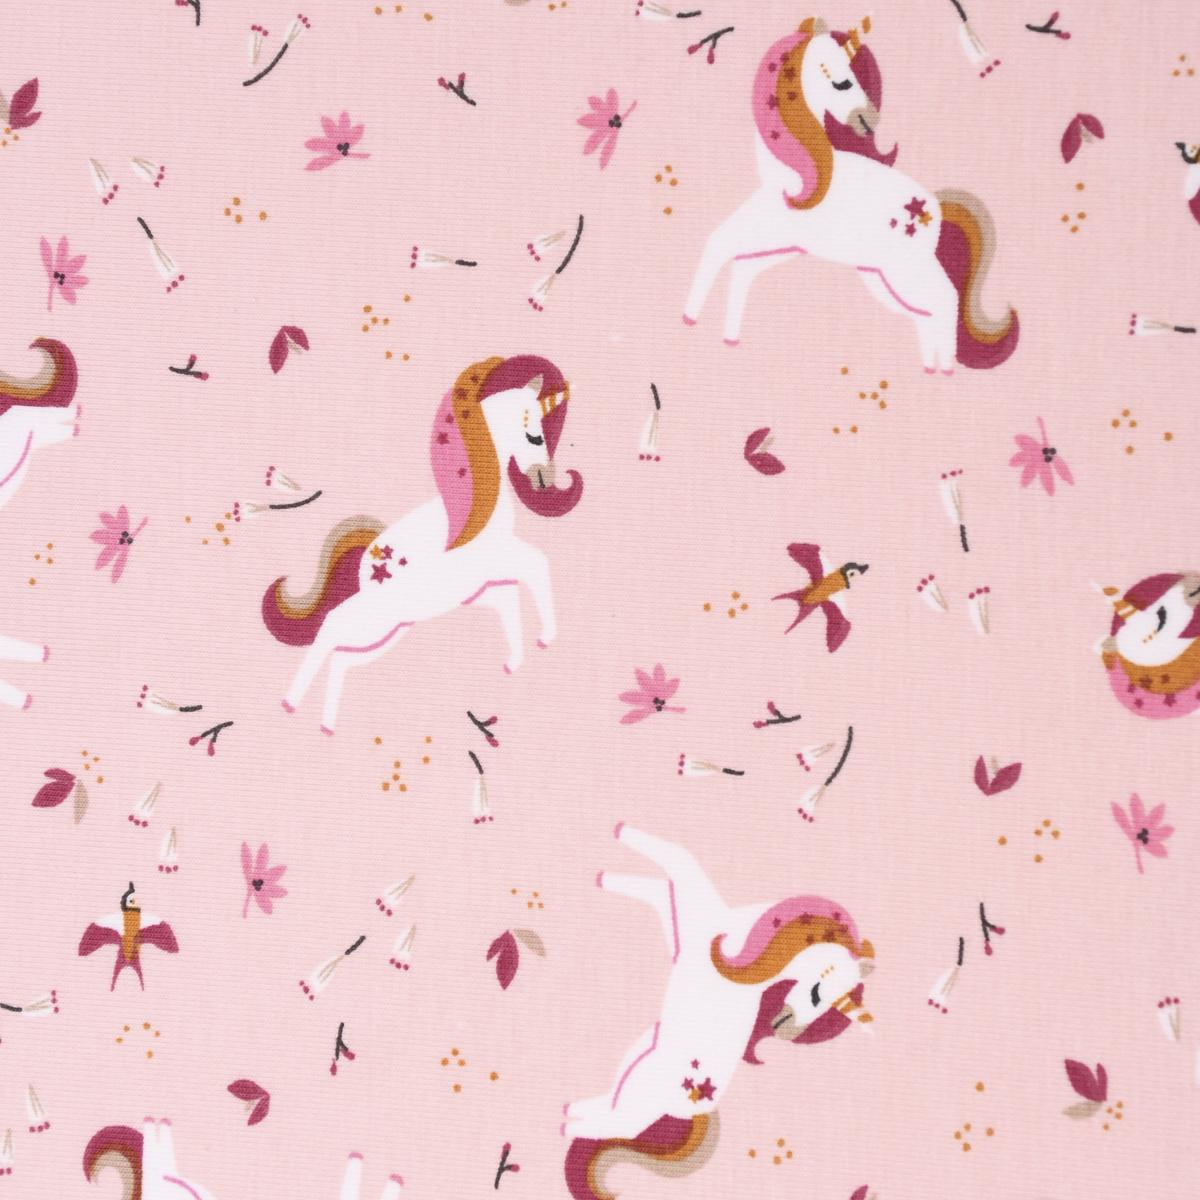 Baumwolljersey Jersey INGELA Einhorn Vögel Blumen rosa weiß ocker 1,5m Breite